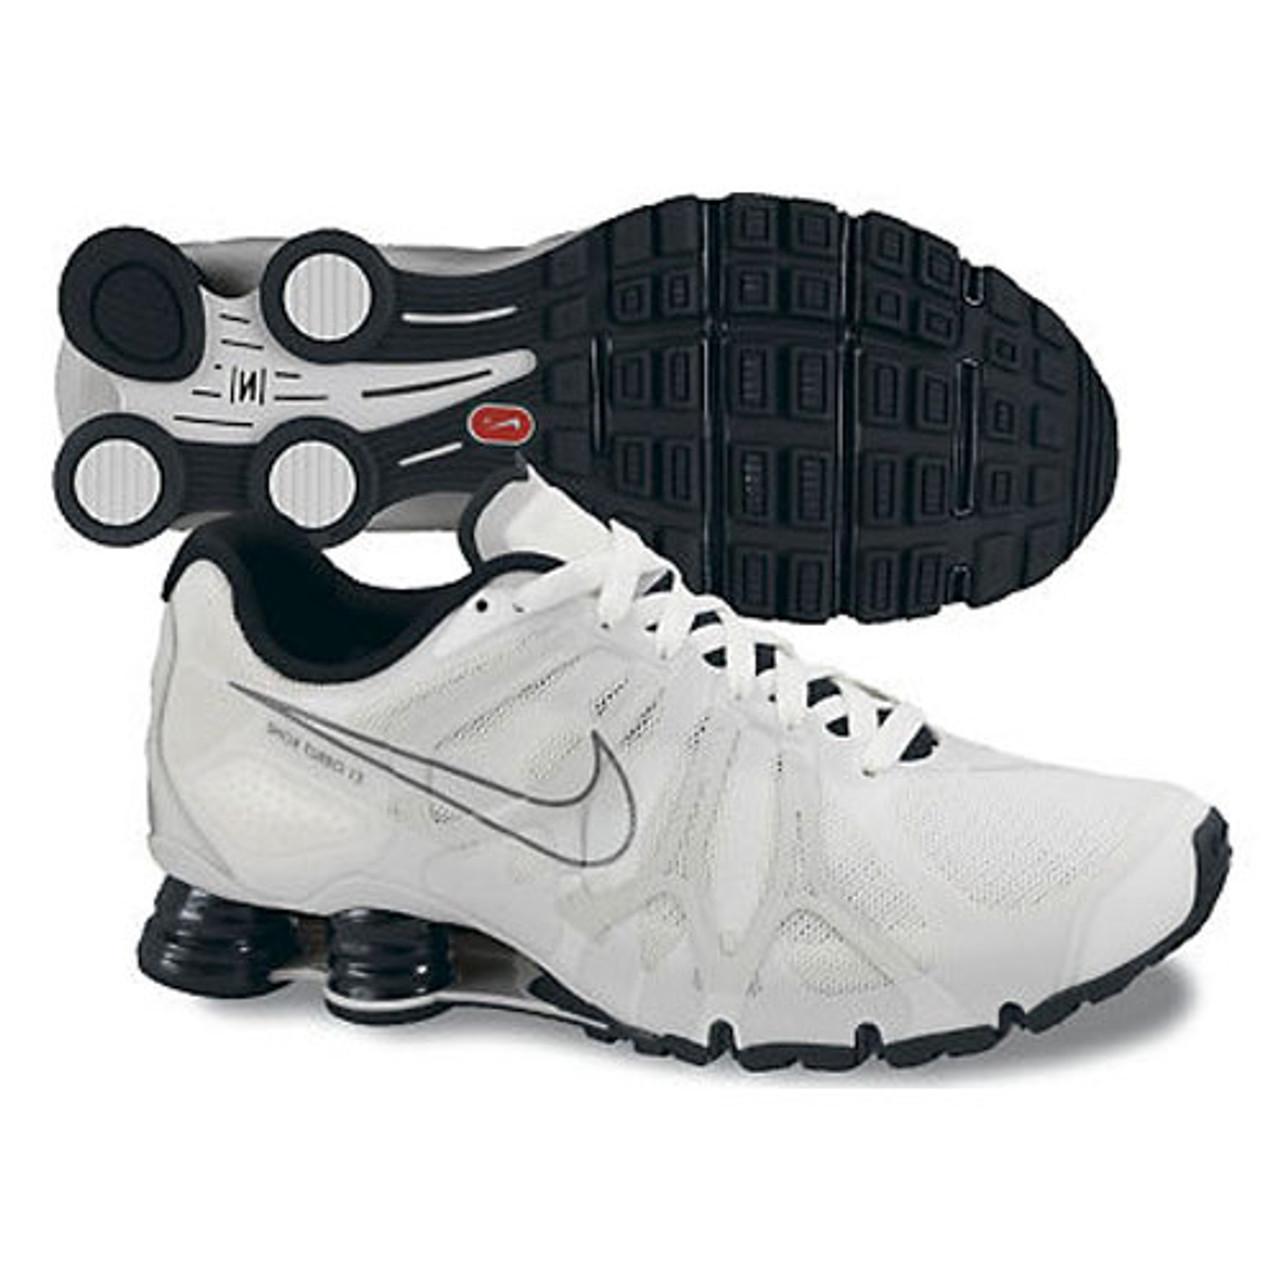 san francisco c76d9 08d37 Nike Shox Turbo + 13 White/Black